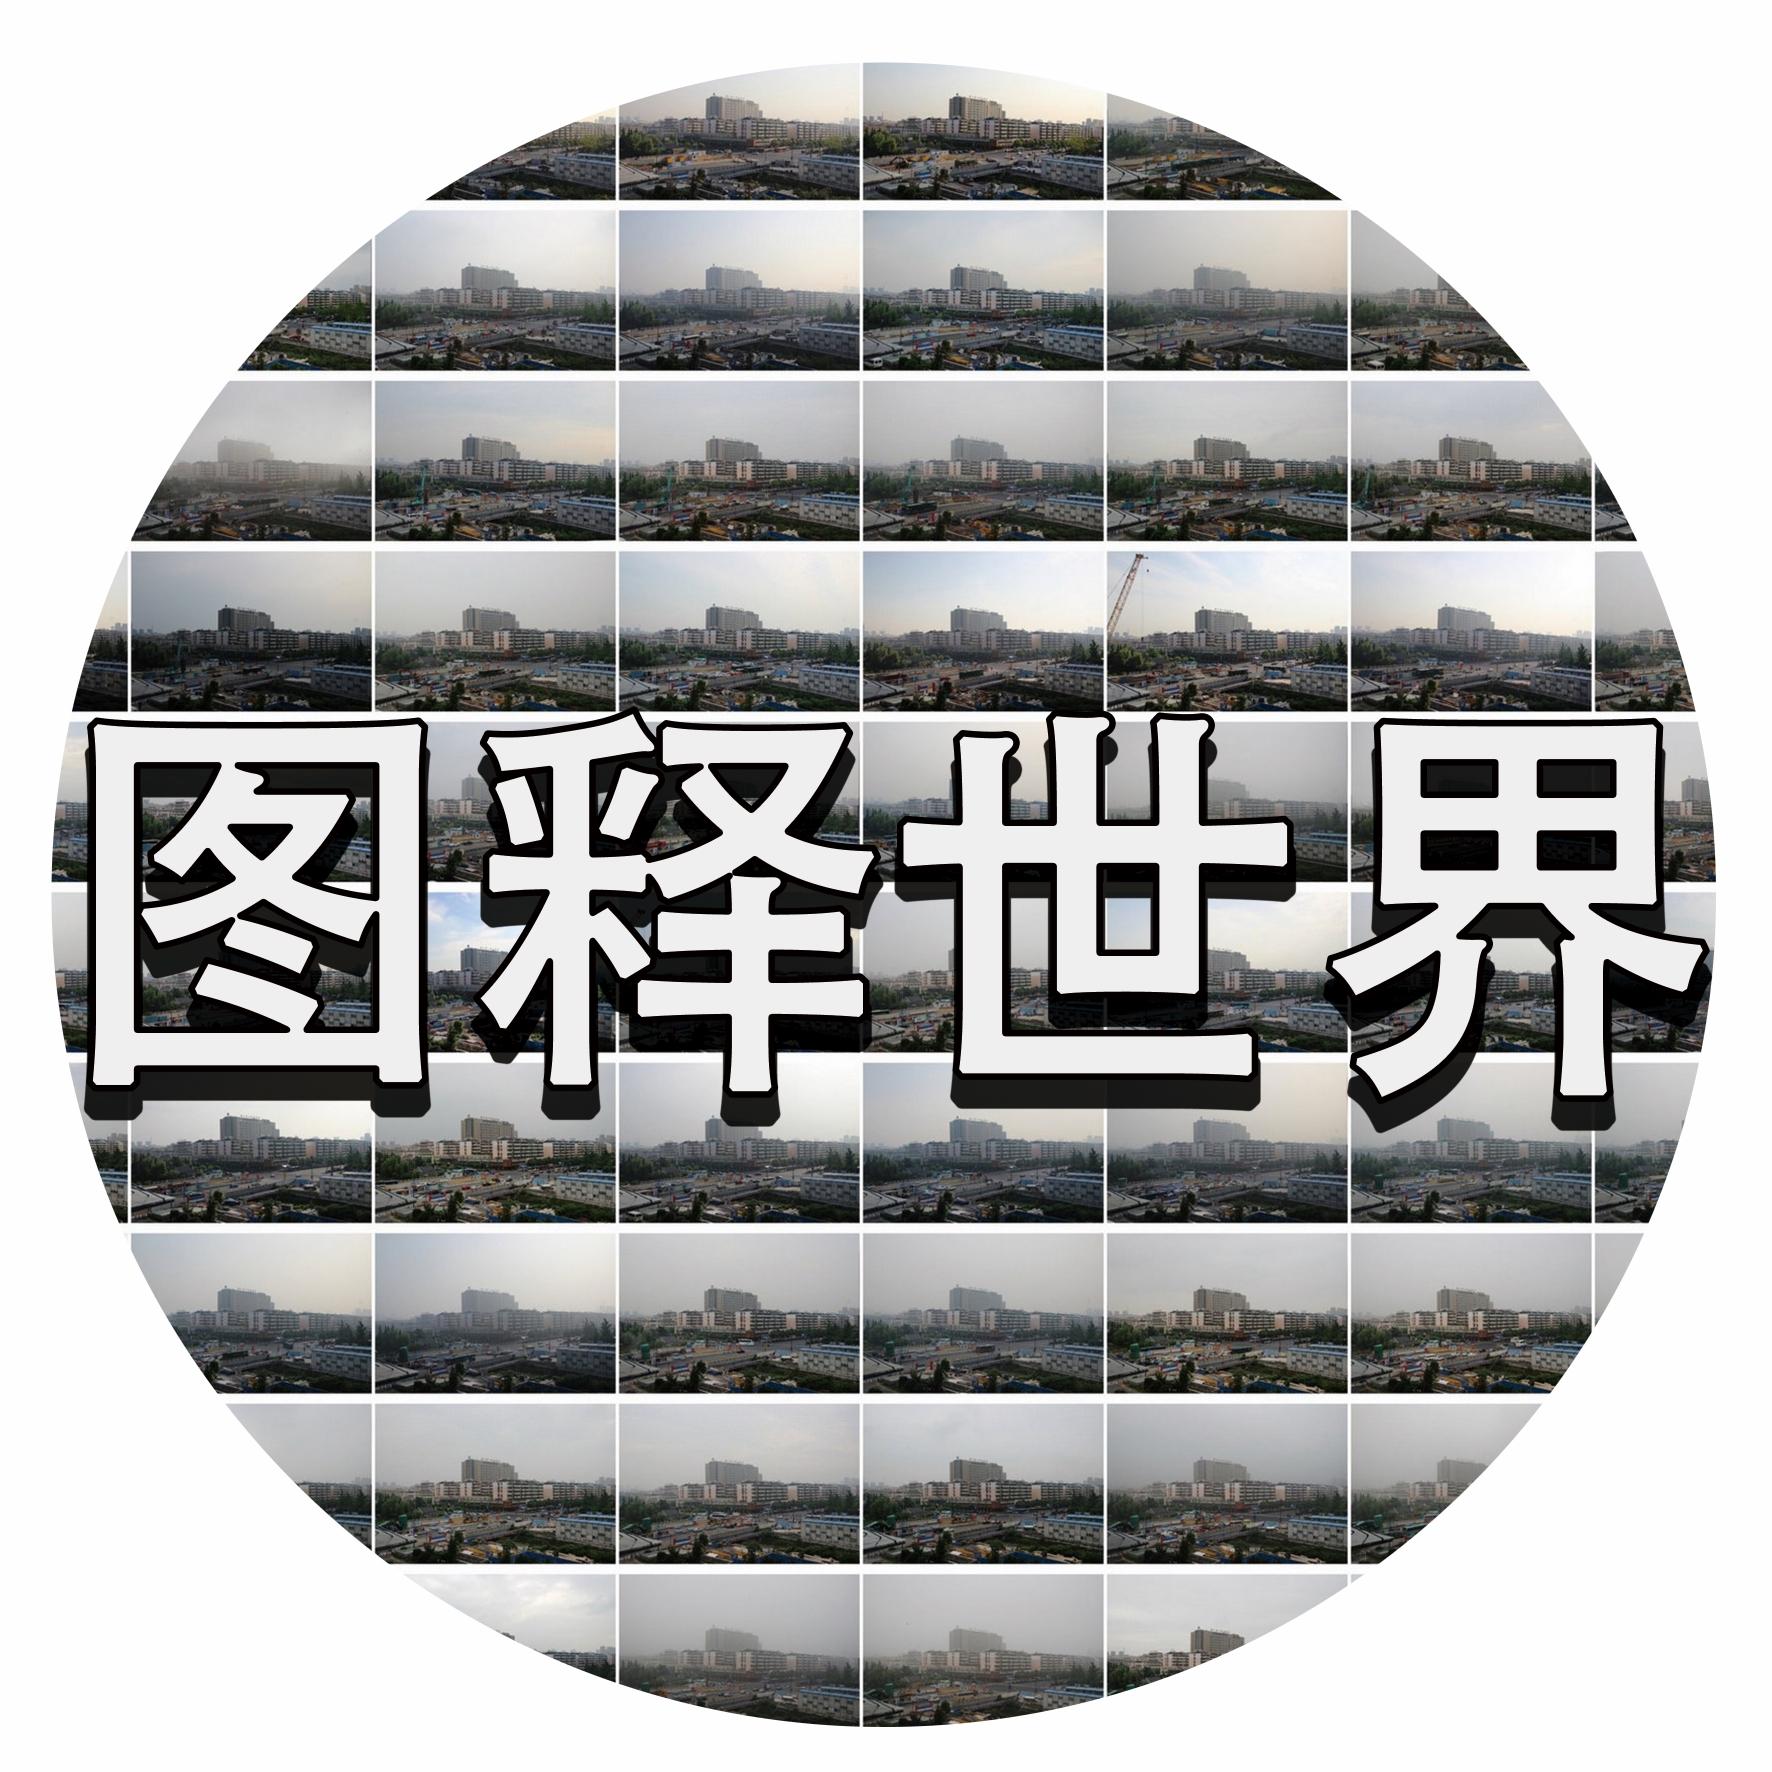 盛源彩票网址登录手机版